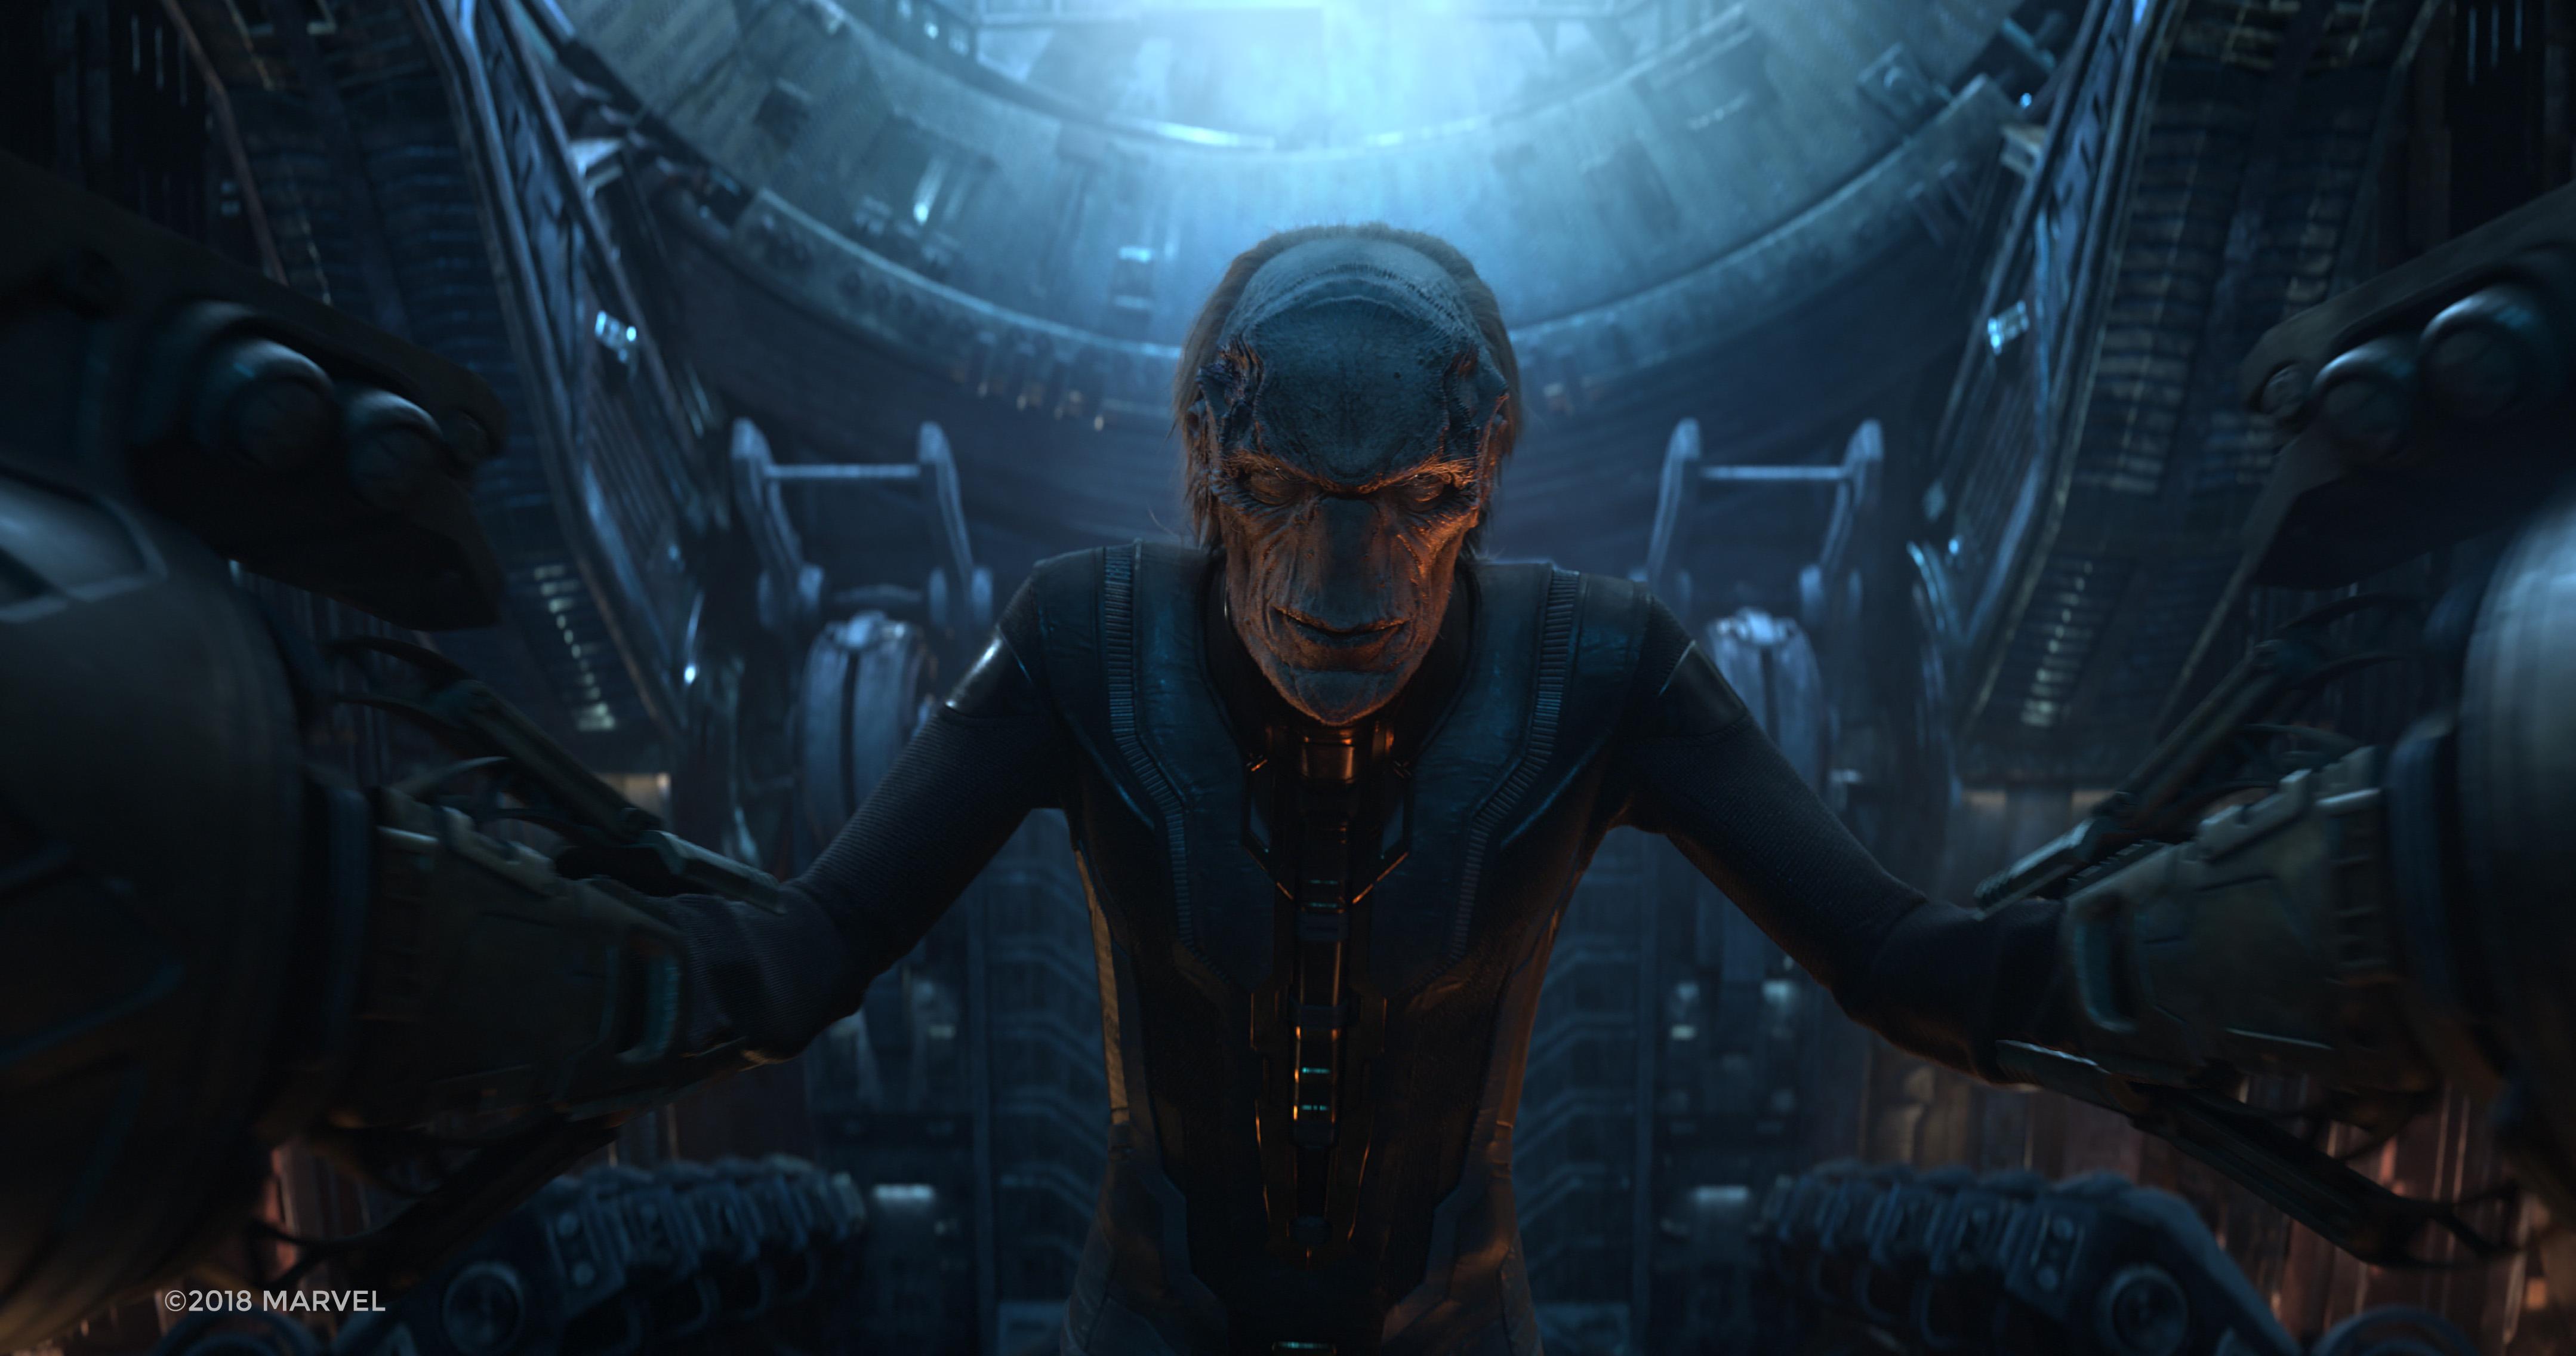 Avengers: Infinity War - Cinesite Studios